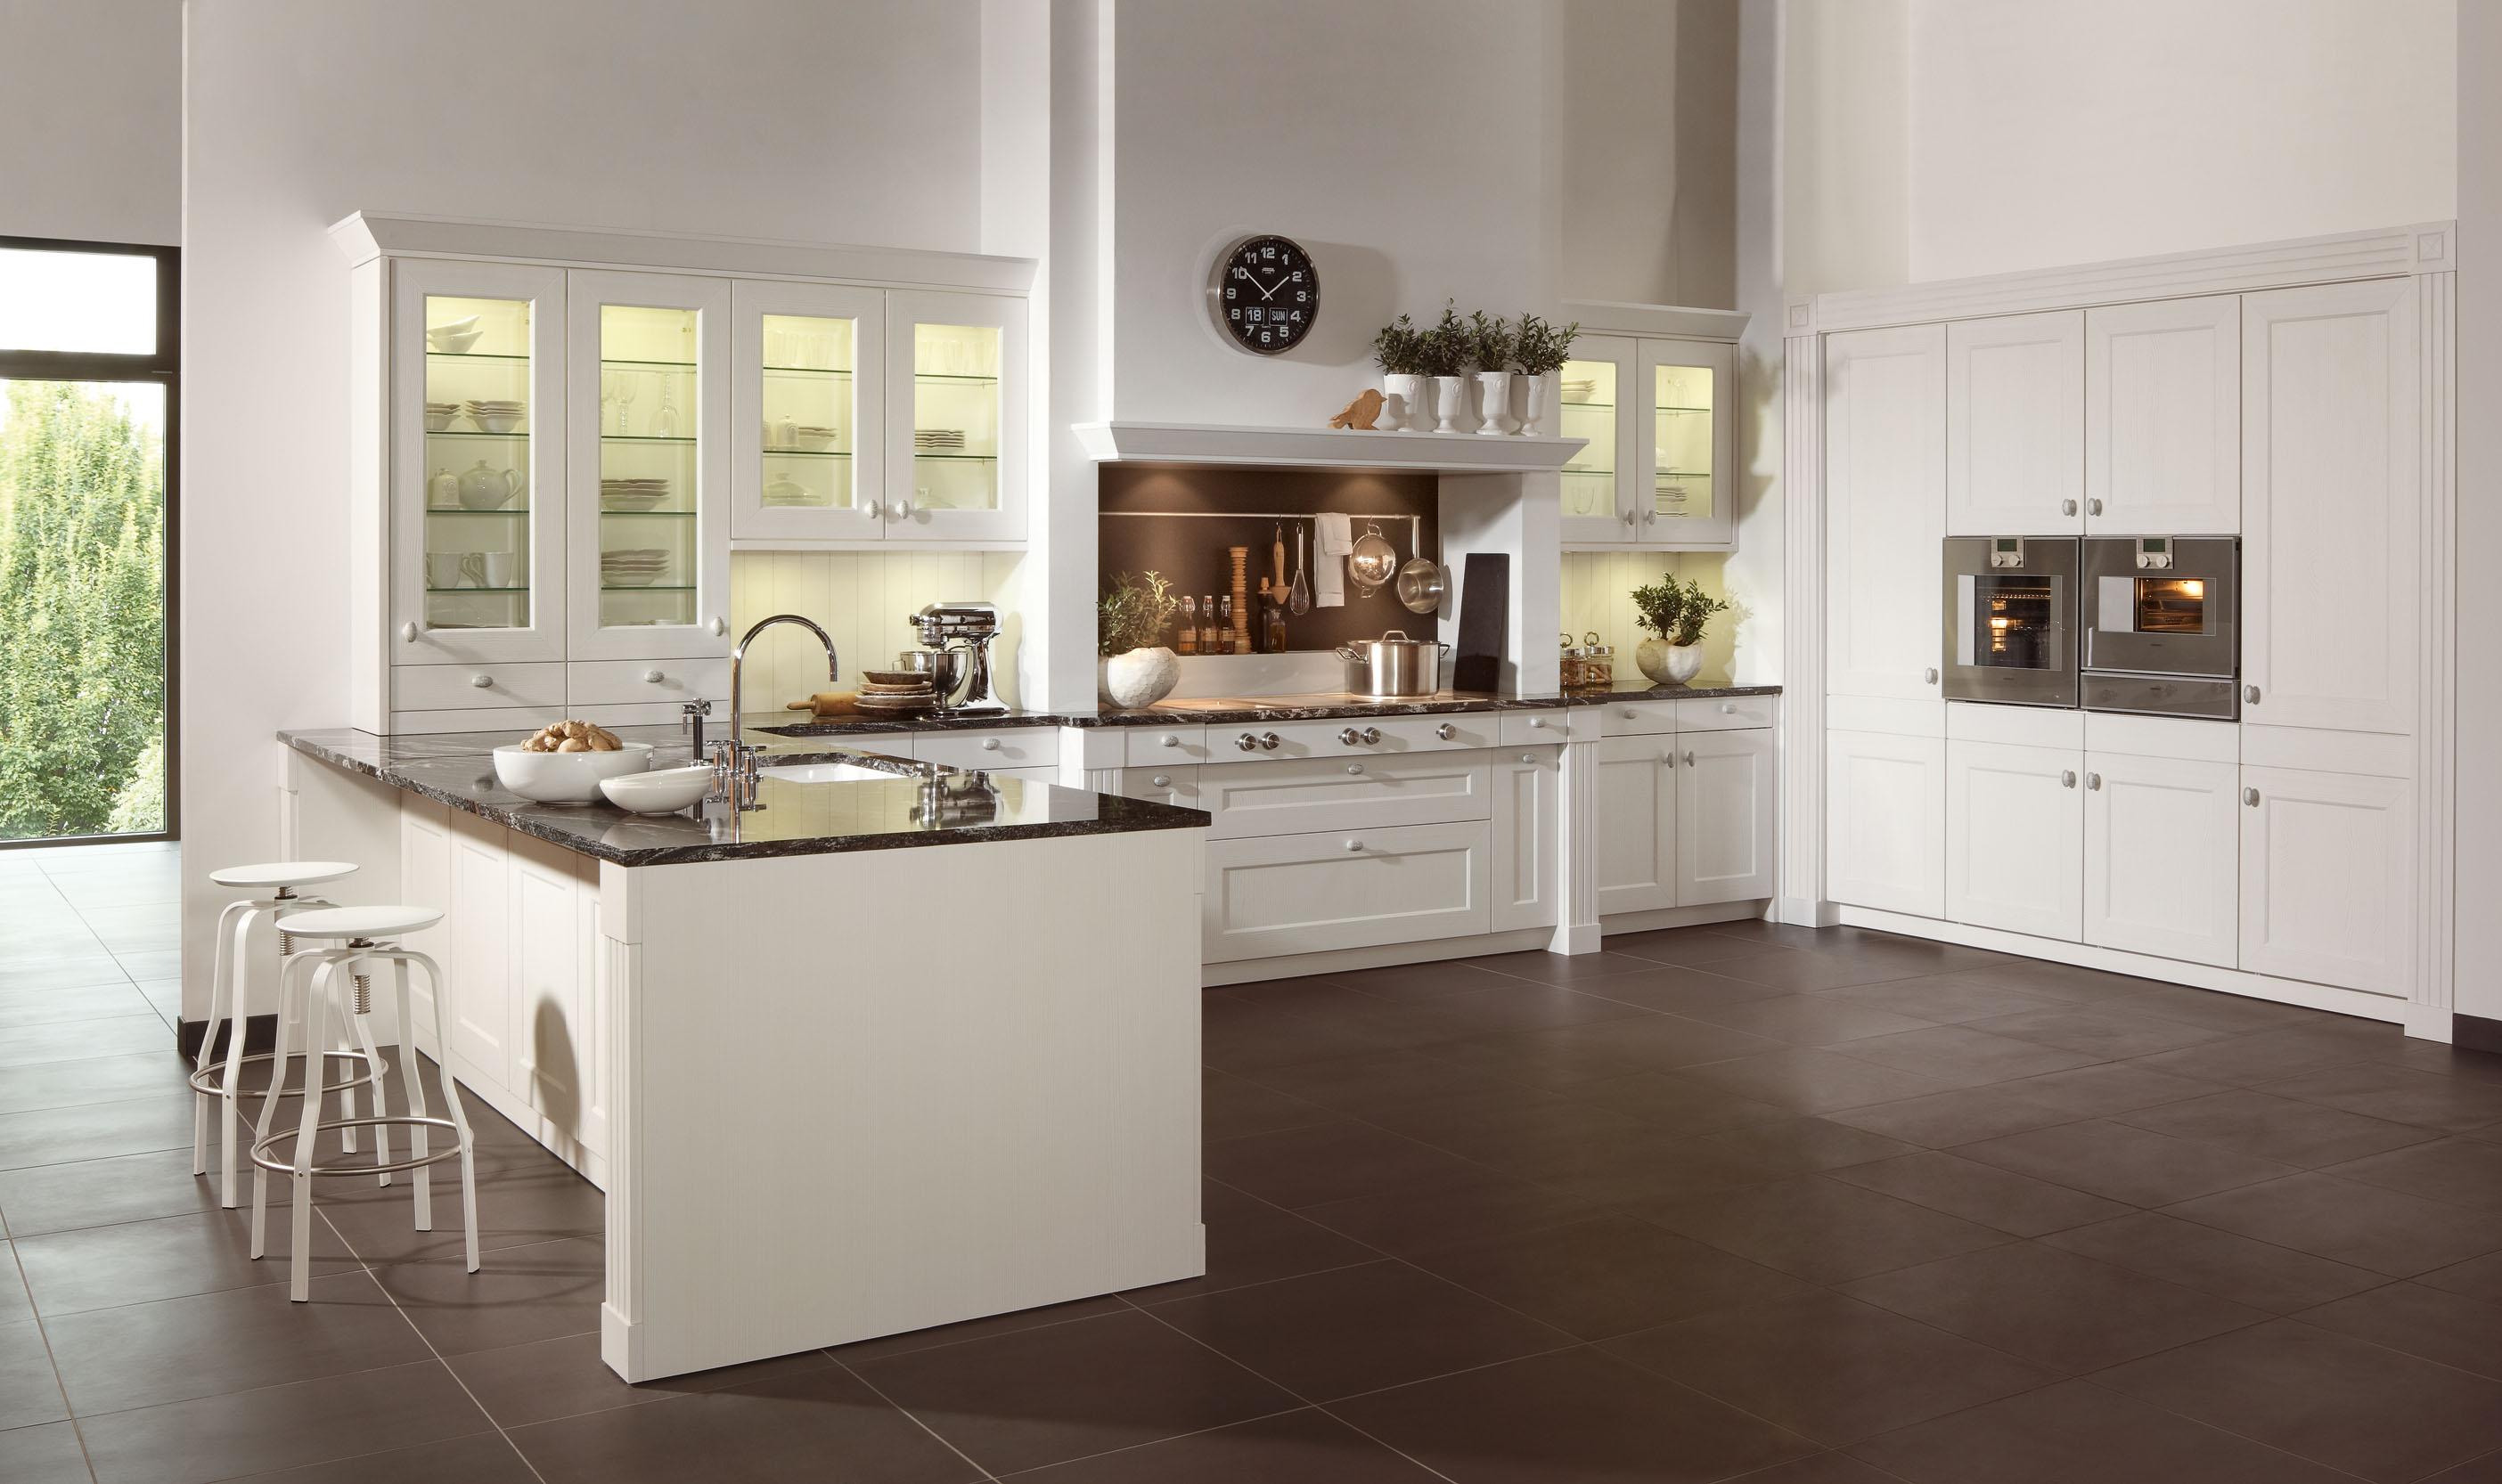 De designkeukens van zeyko nieuws startpagina voor keuken idee n uw - Witte keuken en hout ...